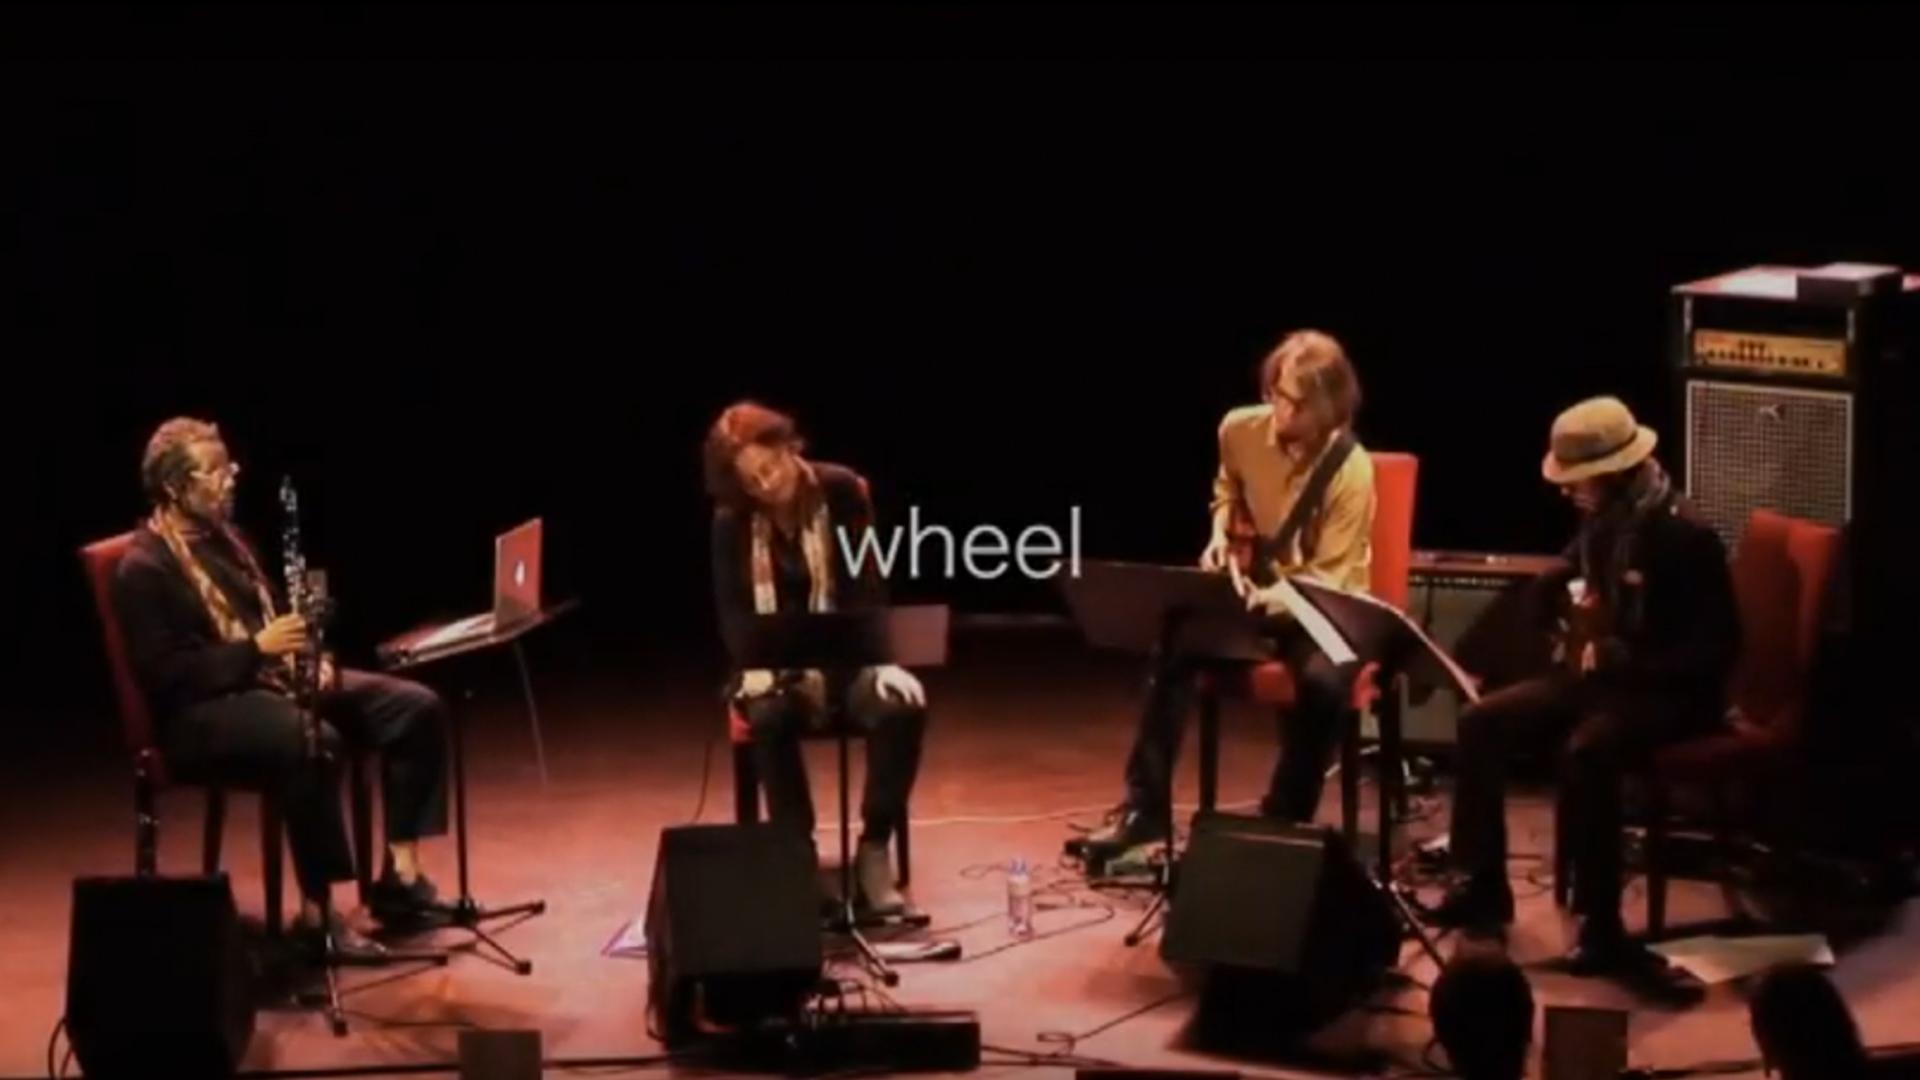 Wheel Elfi Aichniger